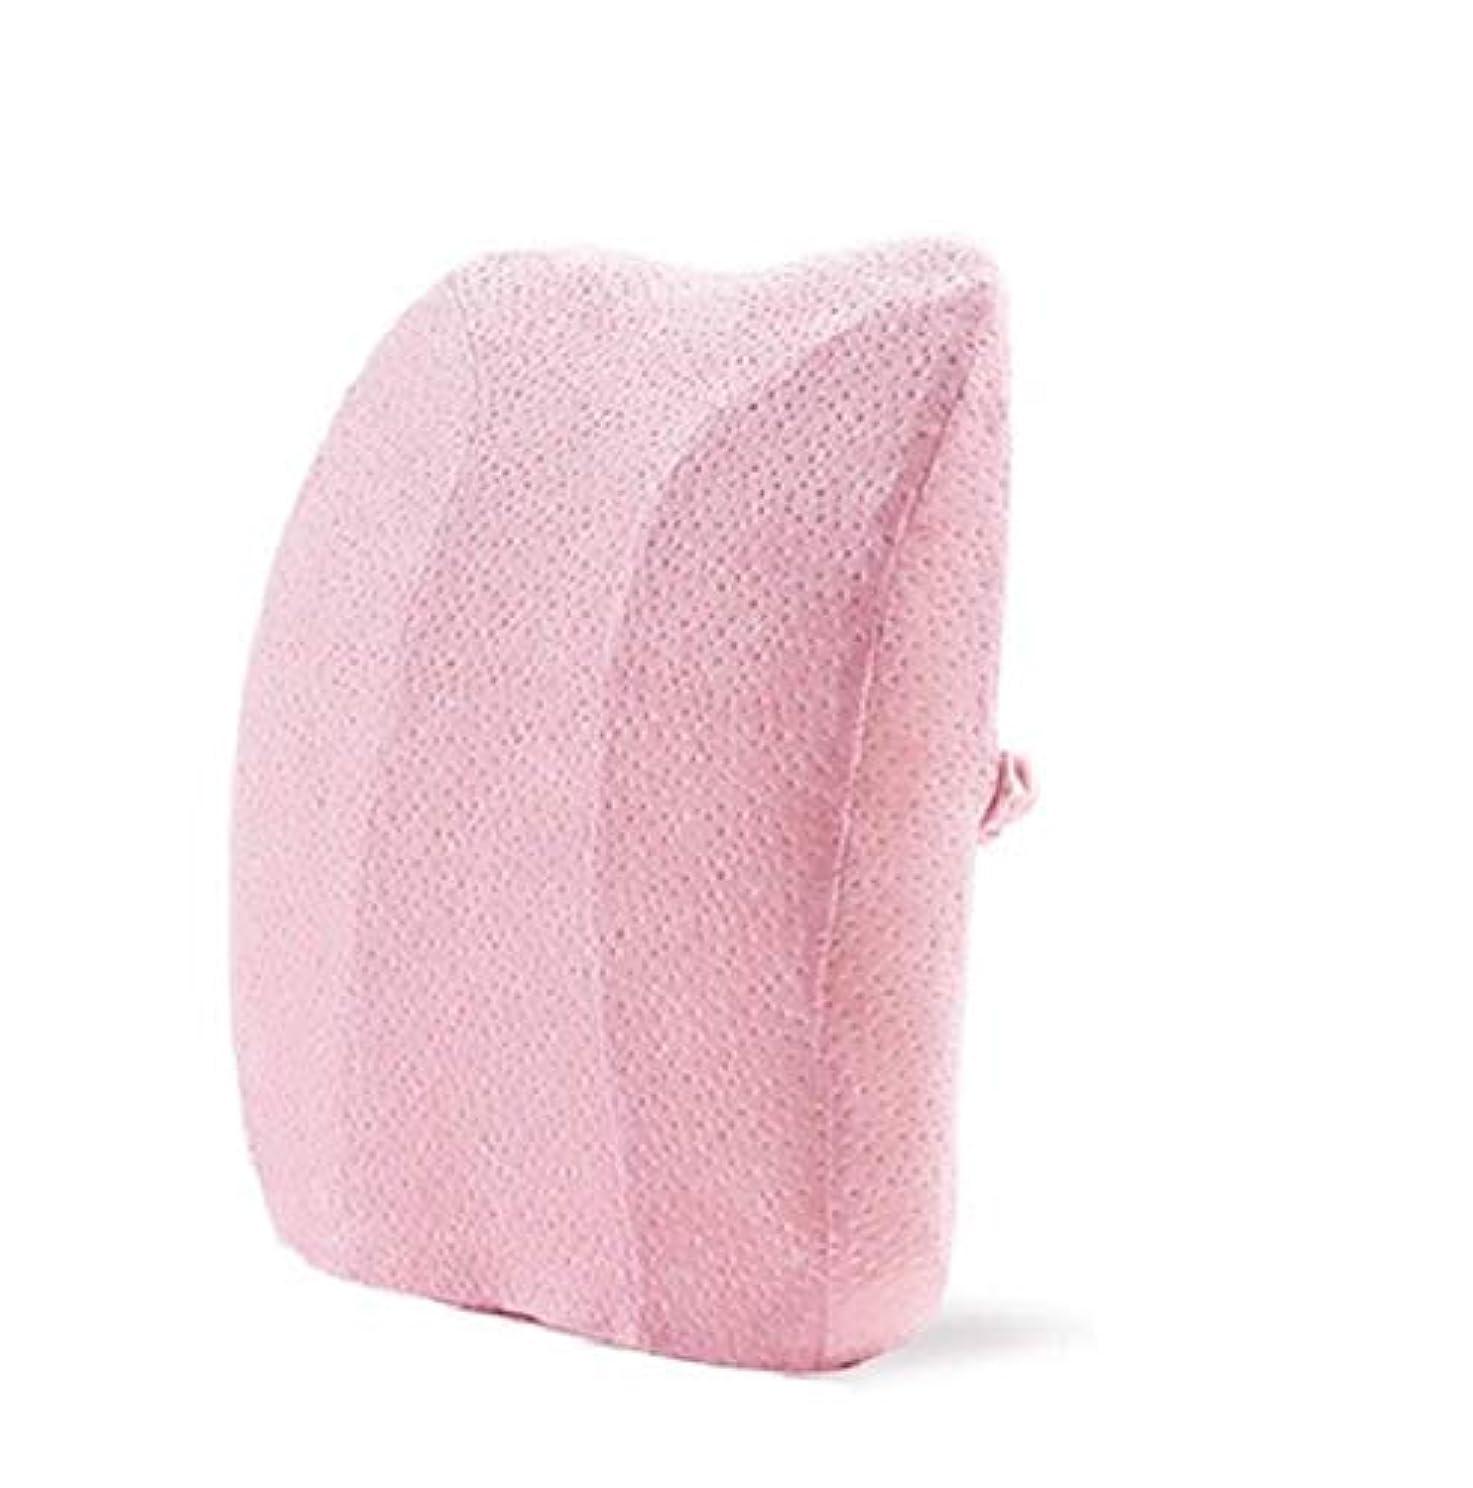 余剰誤解を招くチューリップサポート腰椎枕メモリ綿肥厚腰椎枕低速リバウンド枕コアオフィスシートベルト腰椎枕